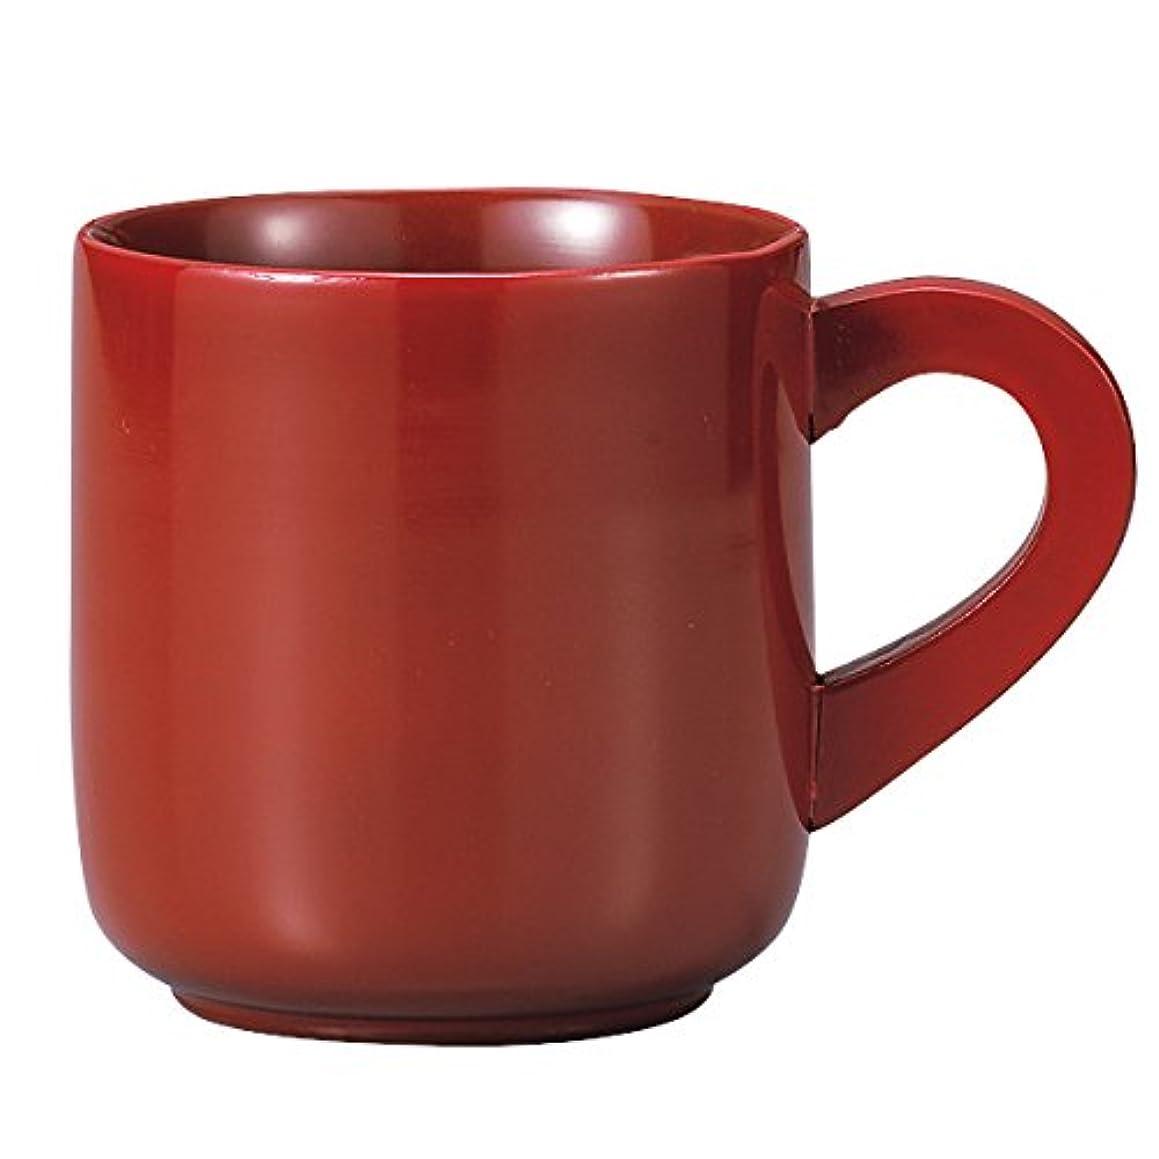 トレーニング例外本質的ではない10個セット コーヒーカップ スタッキングカップ [10.7 x 8.2 x 5.6cm 180cc] 【料亭 旅館 和食器 飲食店 業務用 器 食器】